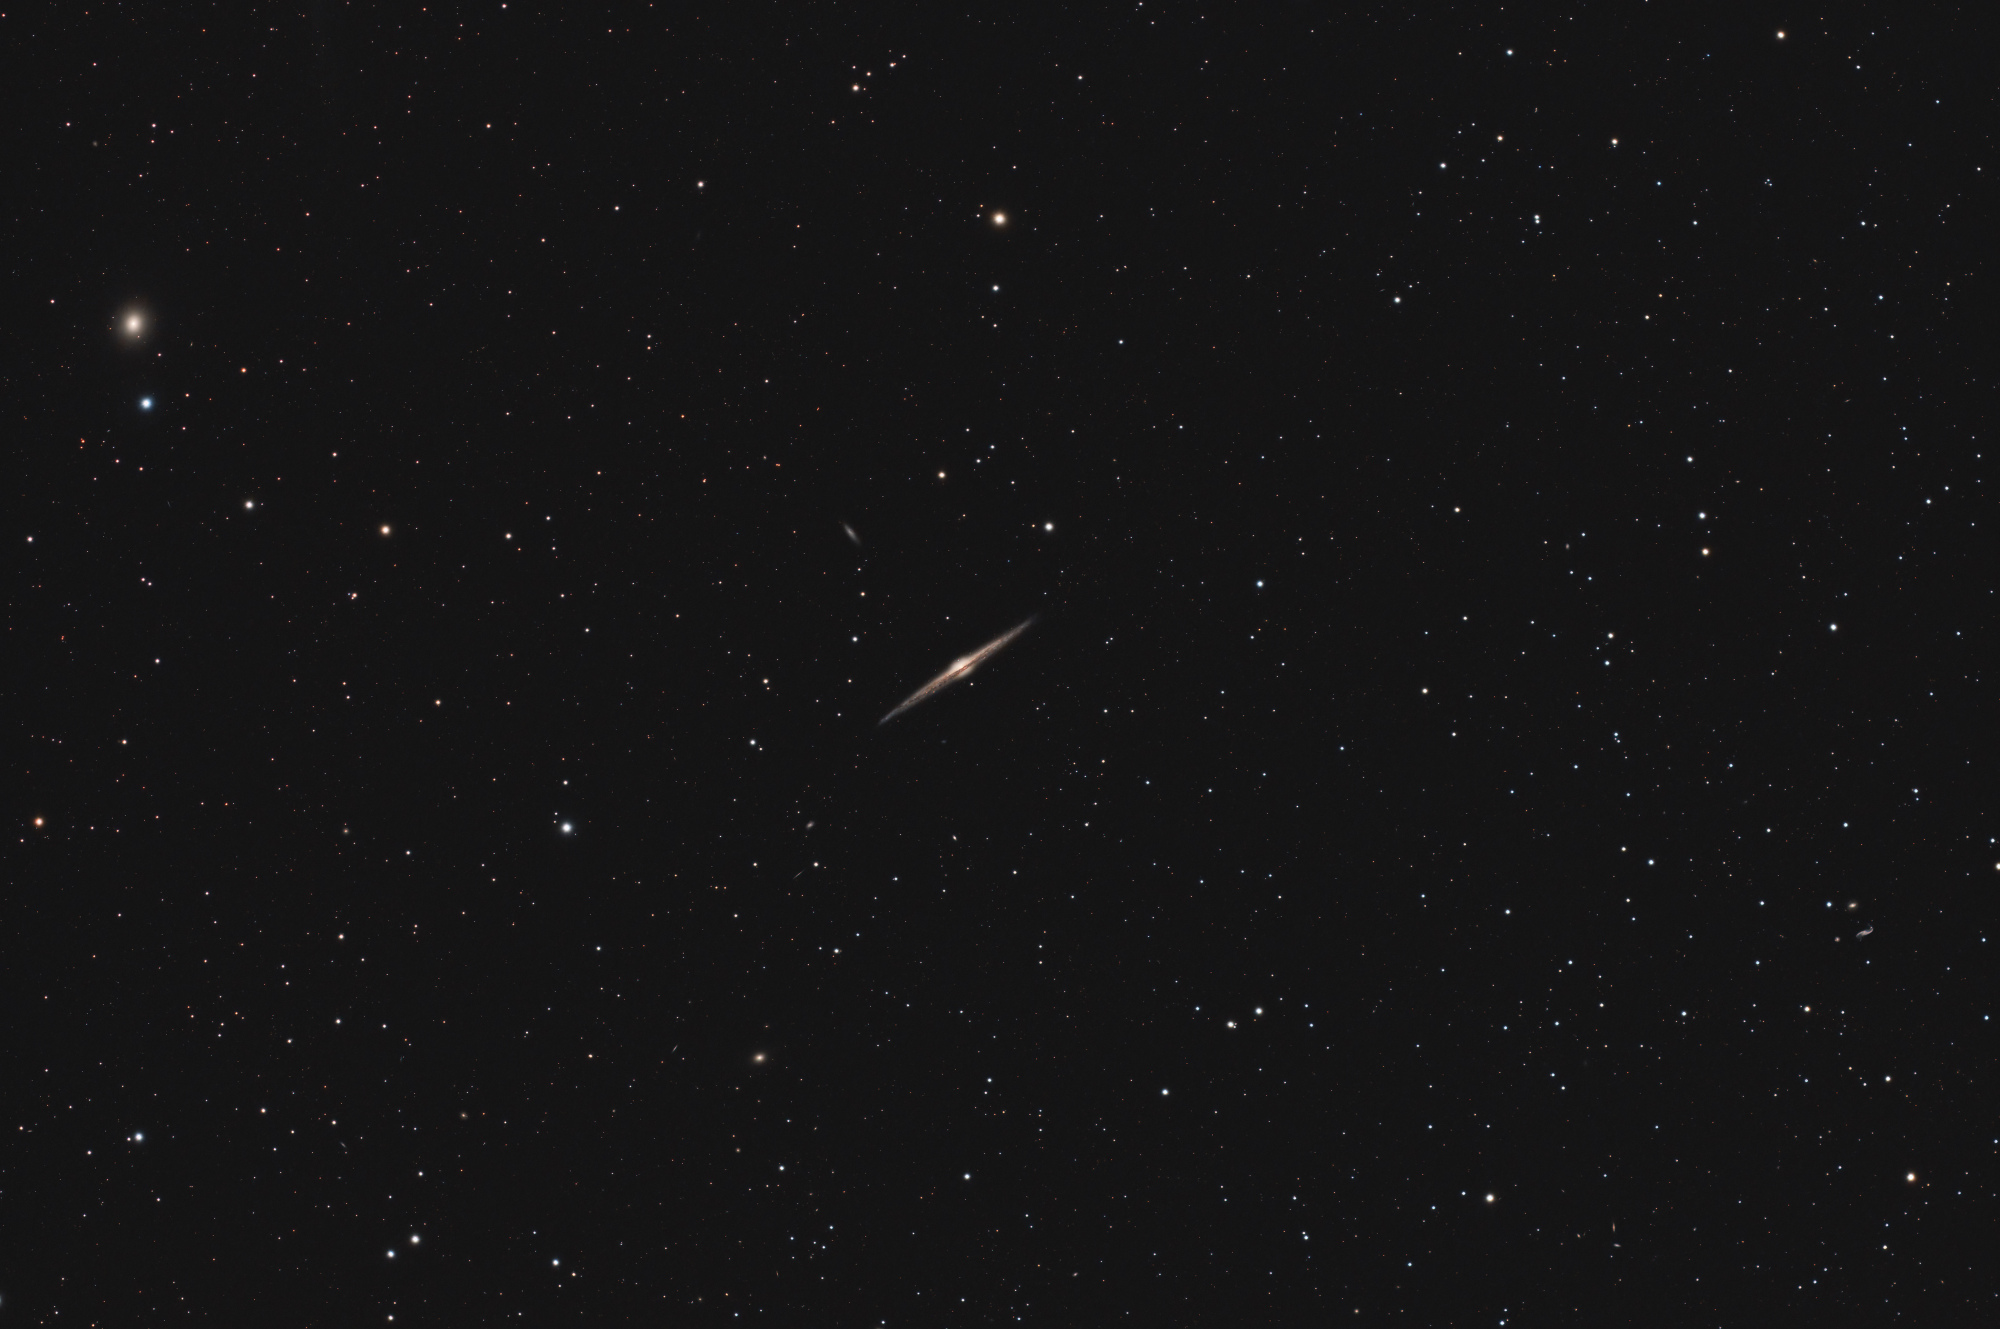 NGC4565-41x180sec-Berche.thumb.jpg.9e2a7a5a0d1e0694692d7c5ff564e545.jpg